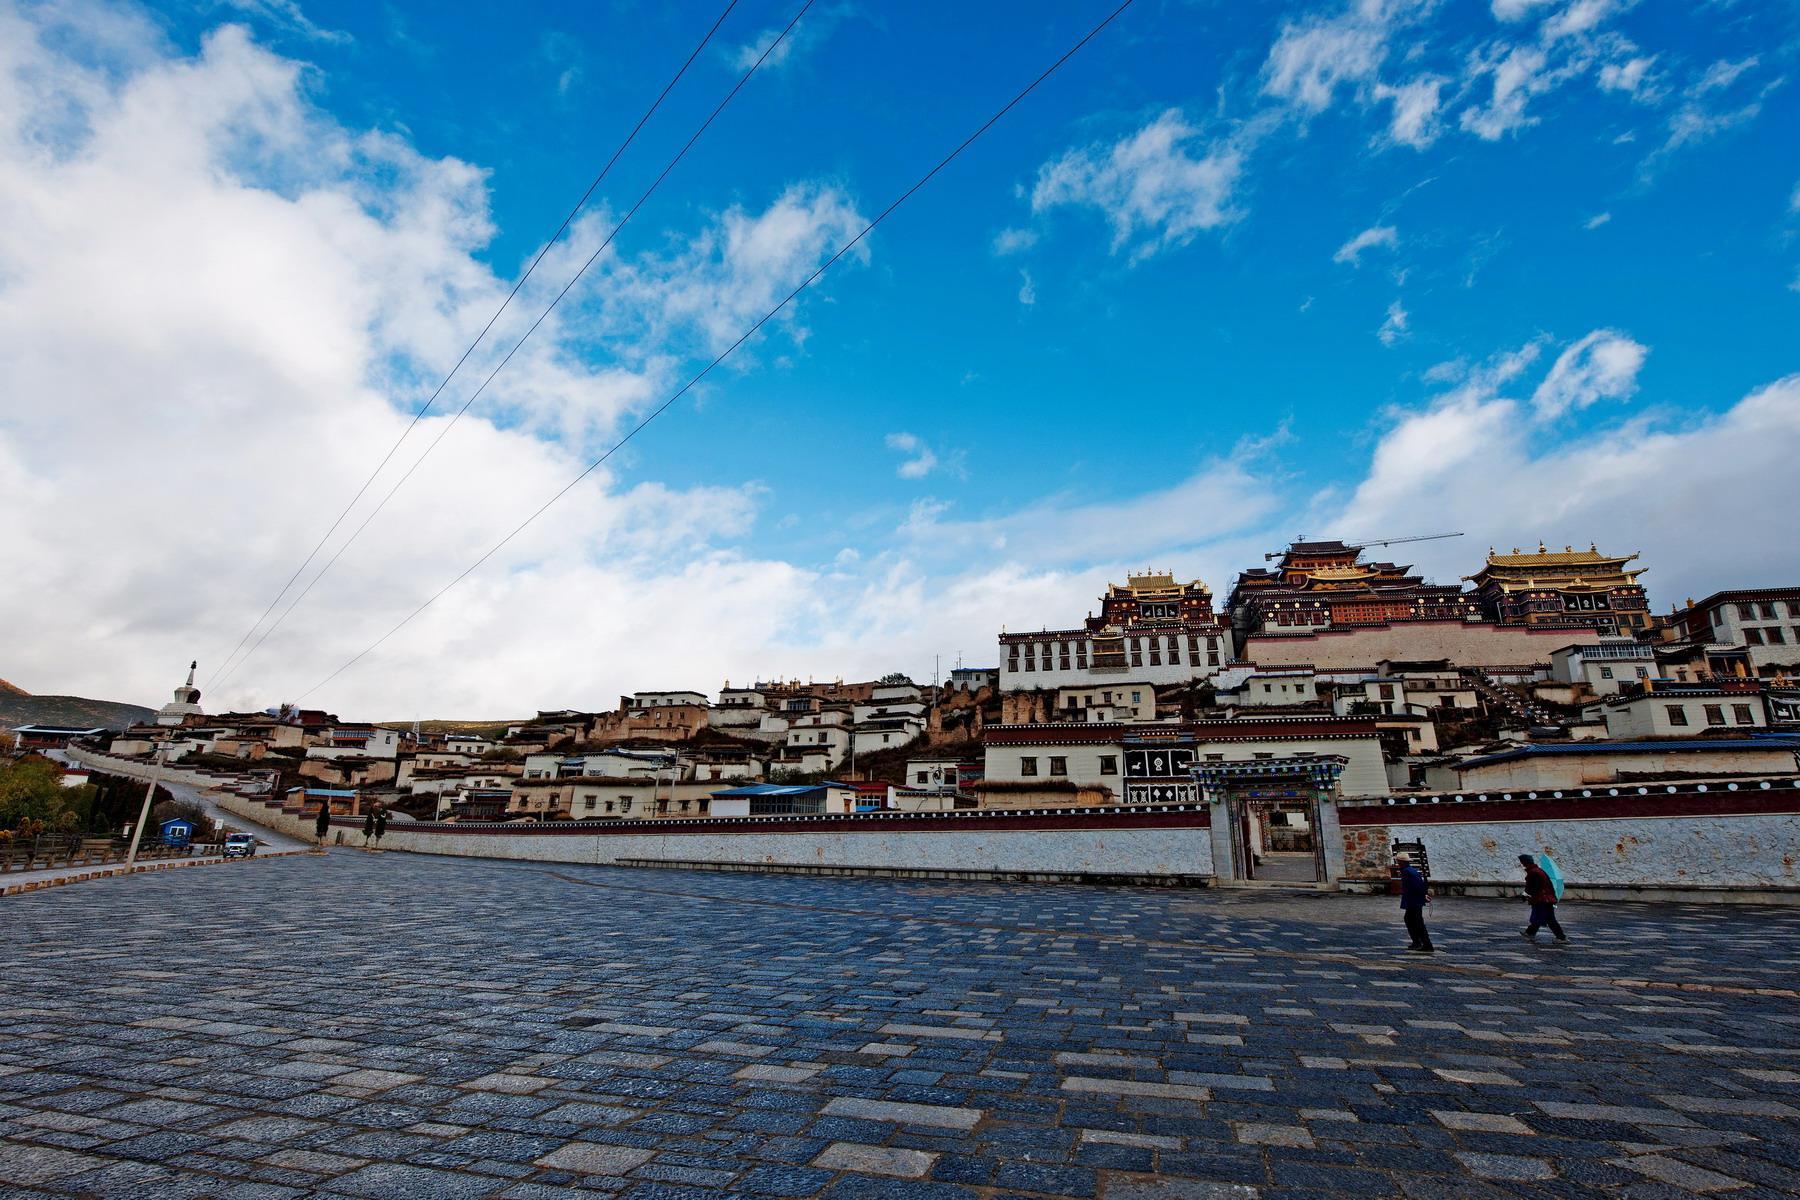 香格里拉PPT背景图片免费下载是由PPT宝藏(www.pptbz.com)会员zengmin上传推荐的风景PPT背景图片, 更新时间为2016-09-23,素材编号103329。 香格里拉市是迪庆藏族自治州下辖市之一,市境位于云南省西北部,是滇、川及西藏三省区交汇处,也是三江并流风景区腹地。截至到2014年,香格里拉市总面积11613平方公里,辖4个镇、7个乡,共有6个社区、58个行政村。2011年,香格里拉市年末总人口为174585人,除主体民族藏族外还有汉族、纳西族、彝族、白族等十几个民族,人口密度